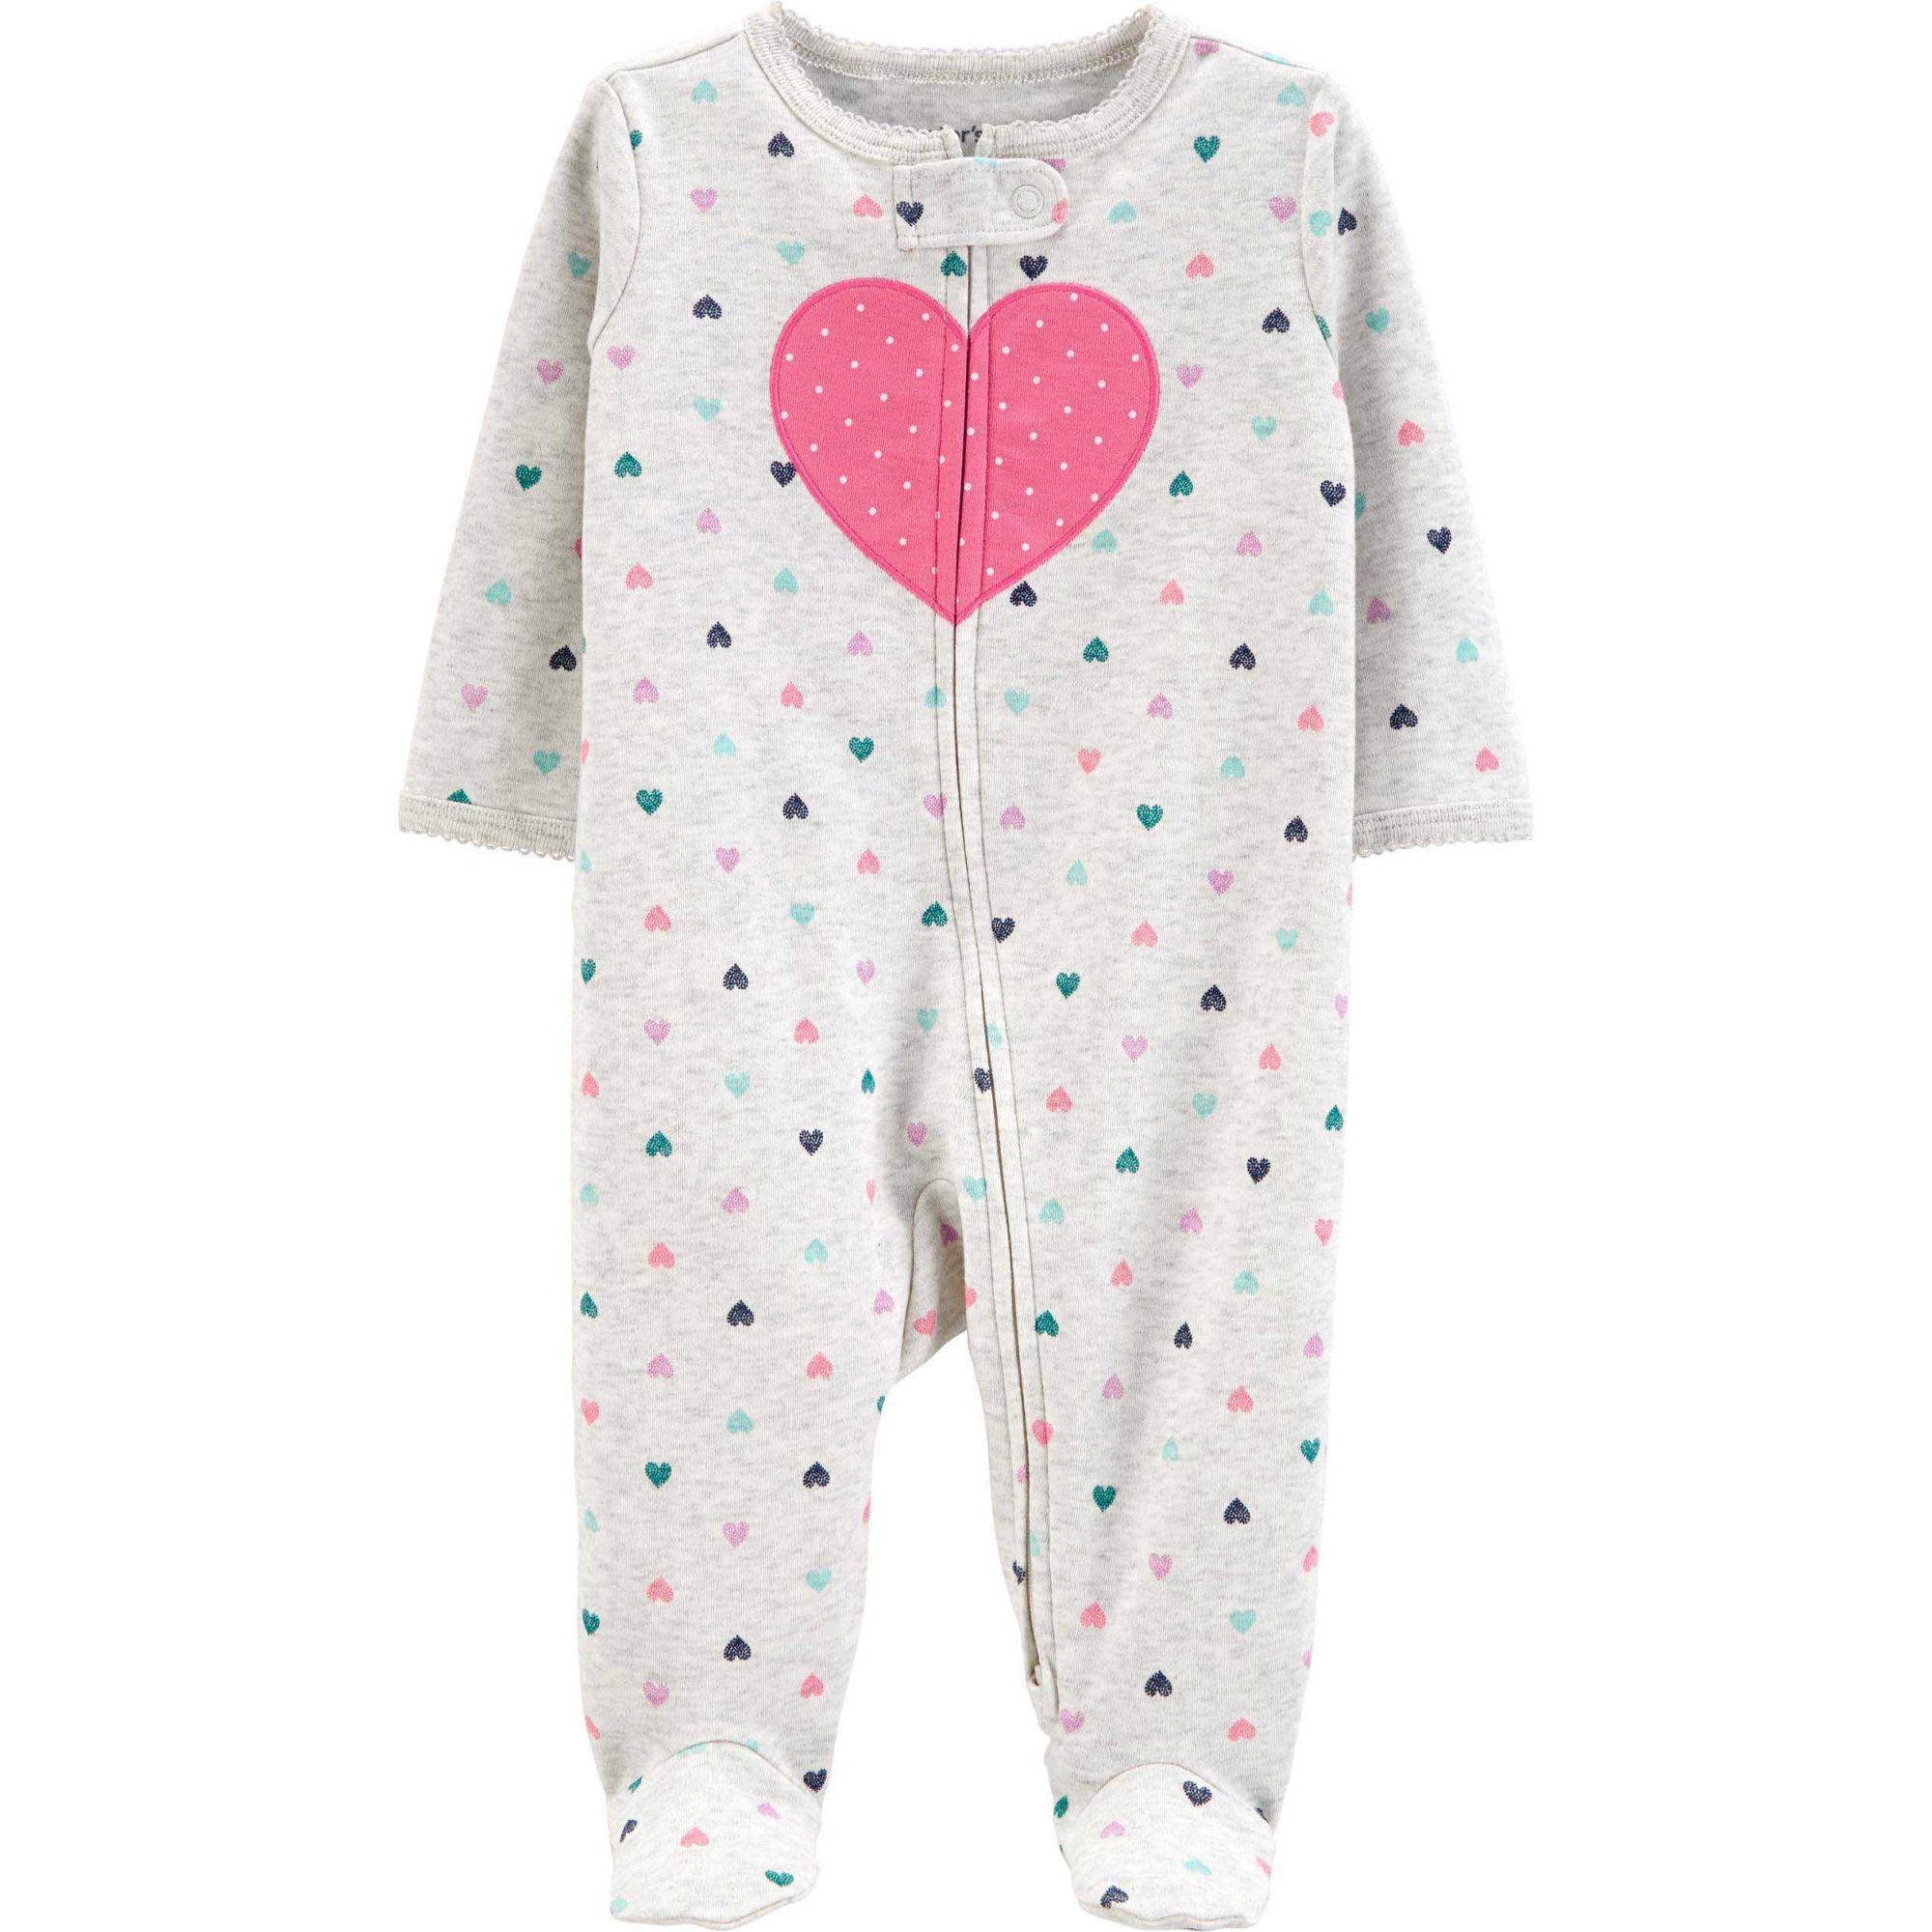 Pijama Infantil Carters em malha com Pé cinza corações